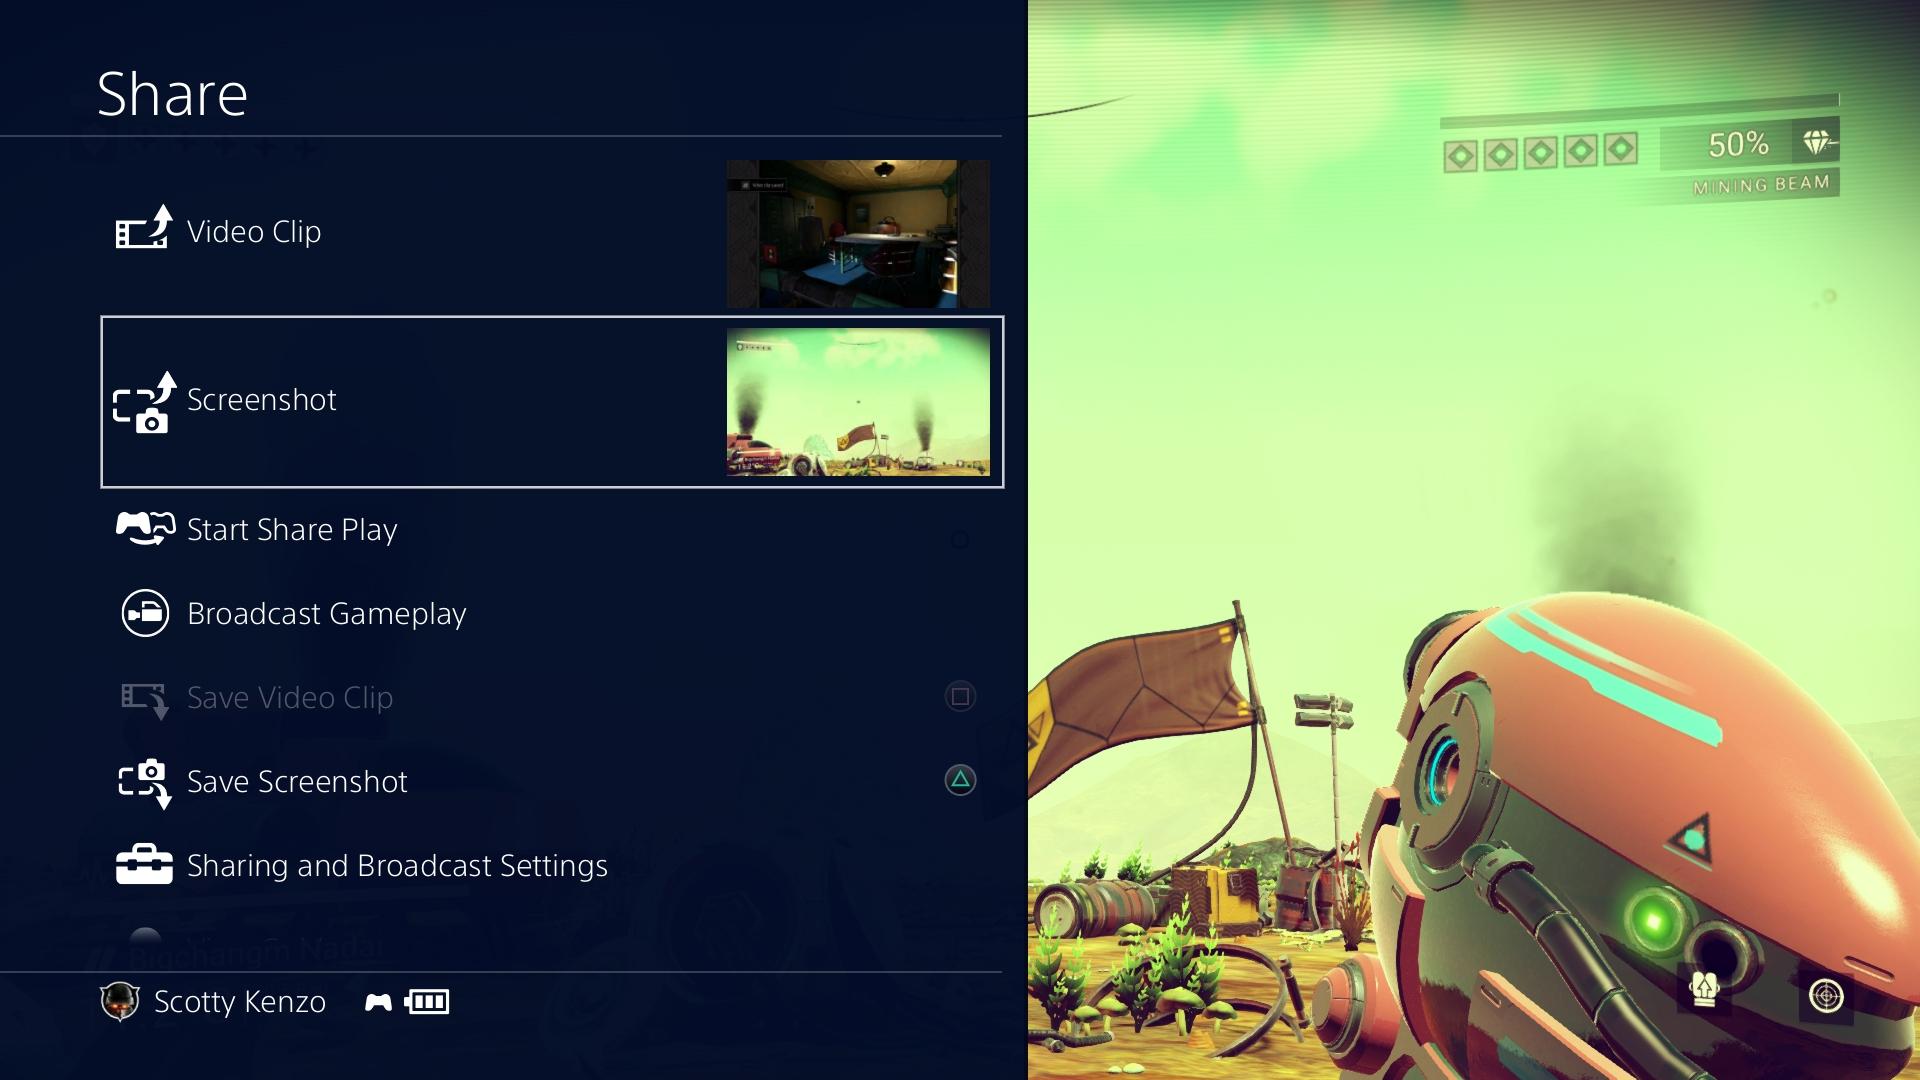 Gracze prosili 3 lata i wyprosili. Nowa wersja oprogramowania PS4 czerpie garściami od Xboksa